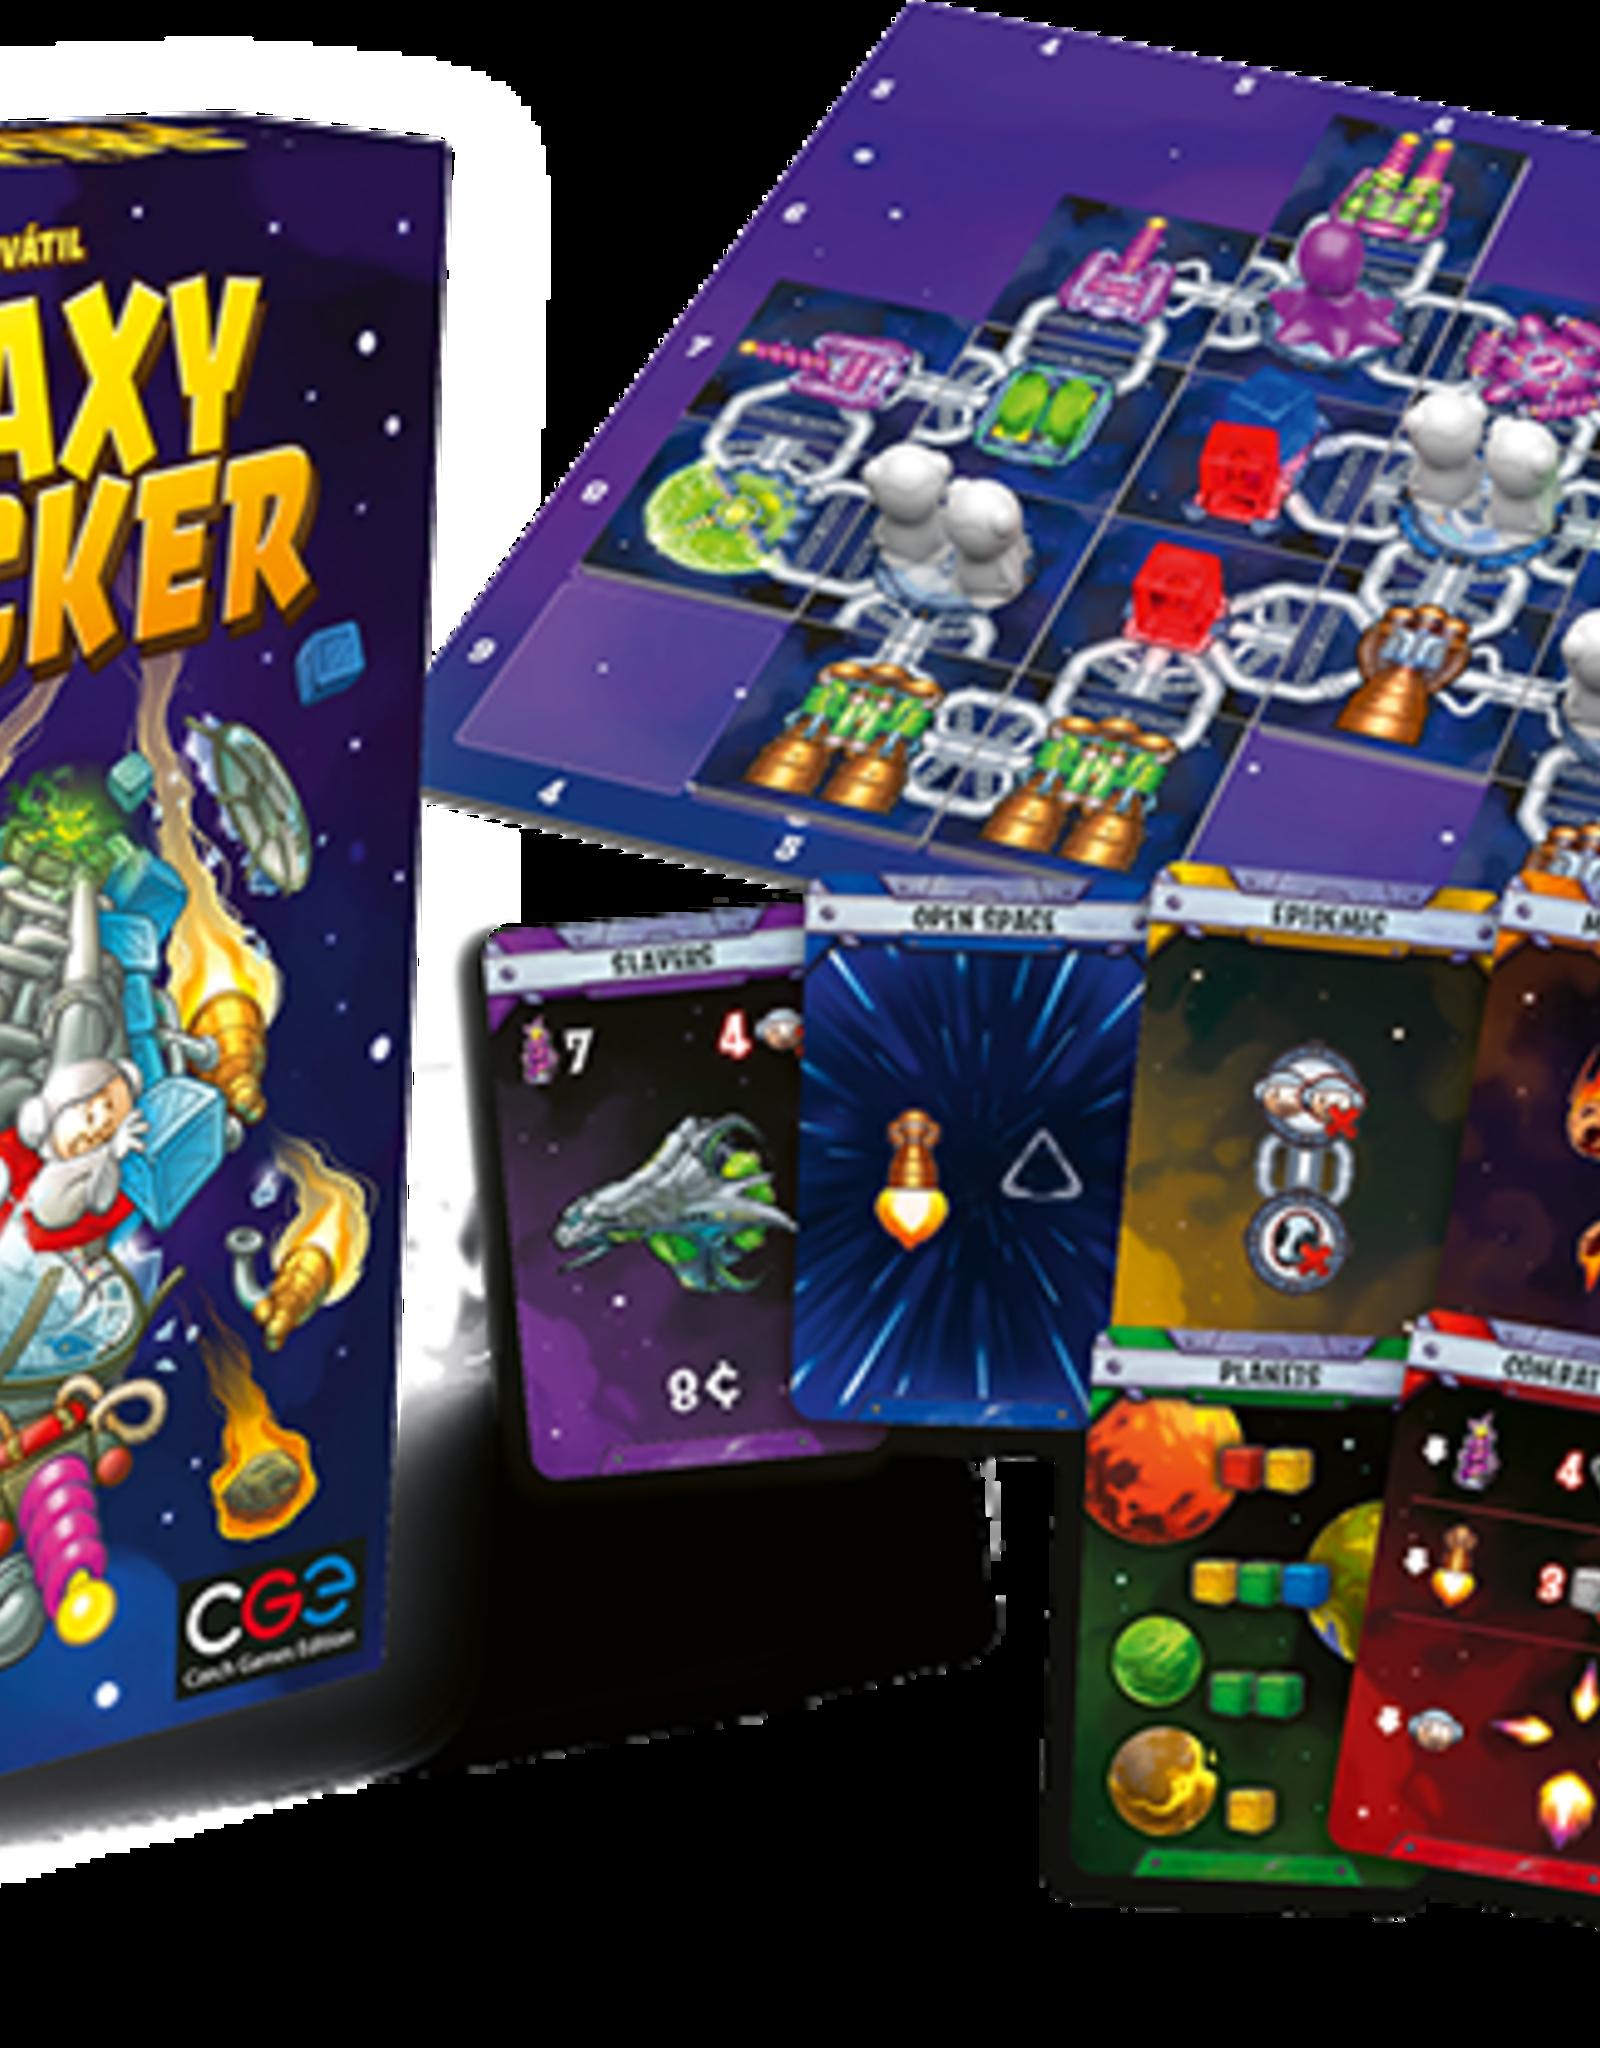 Czech Games Galaxy Trucker 2nd Edition